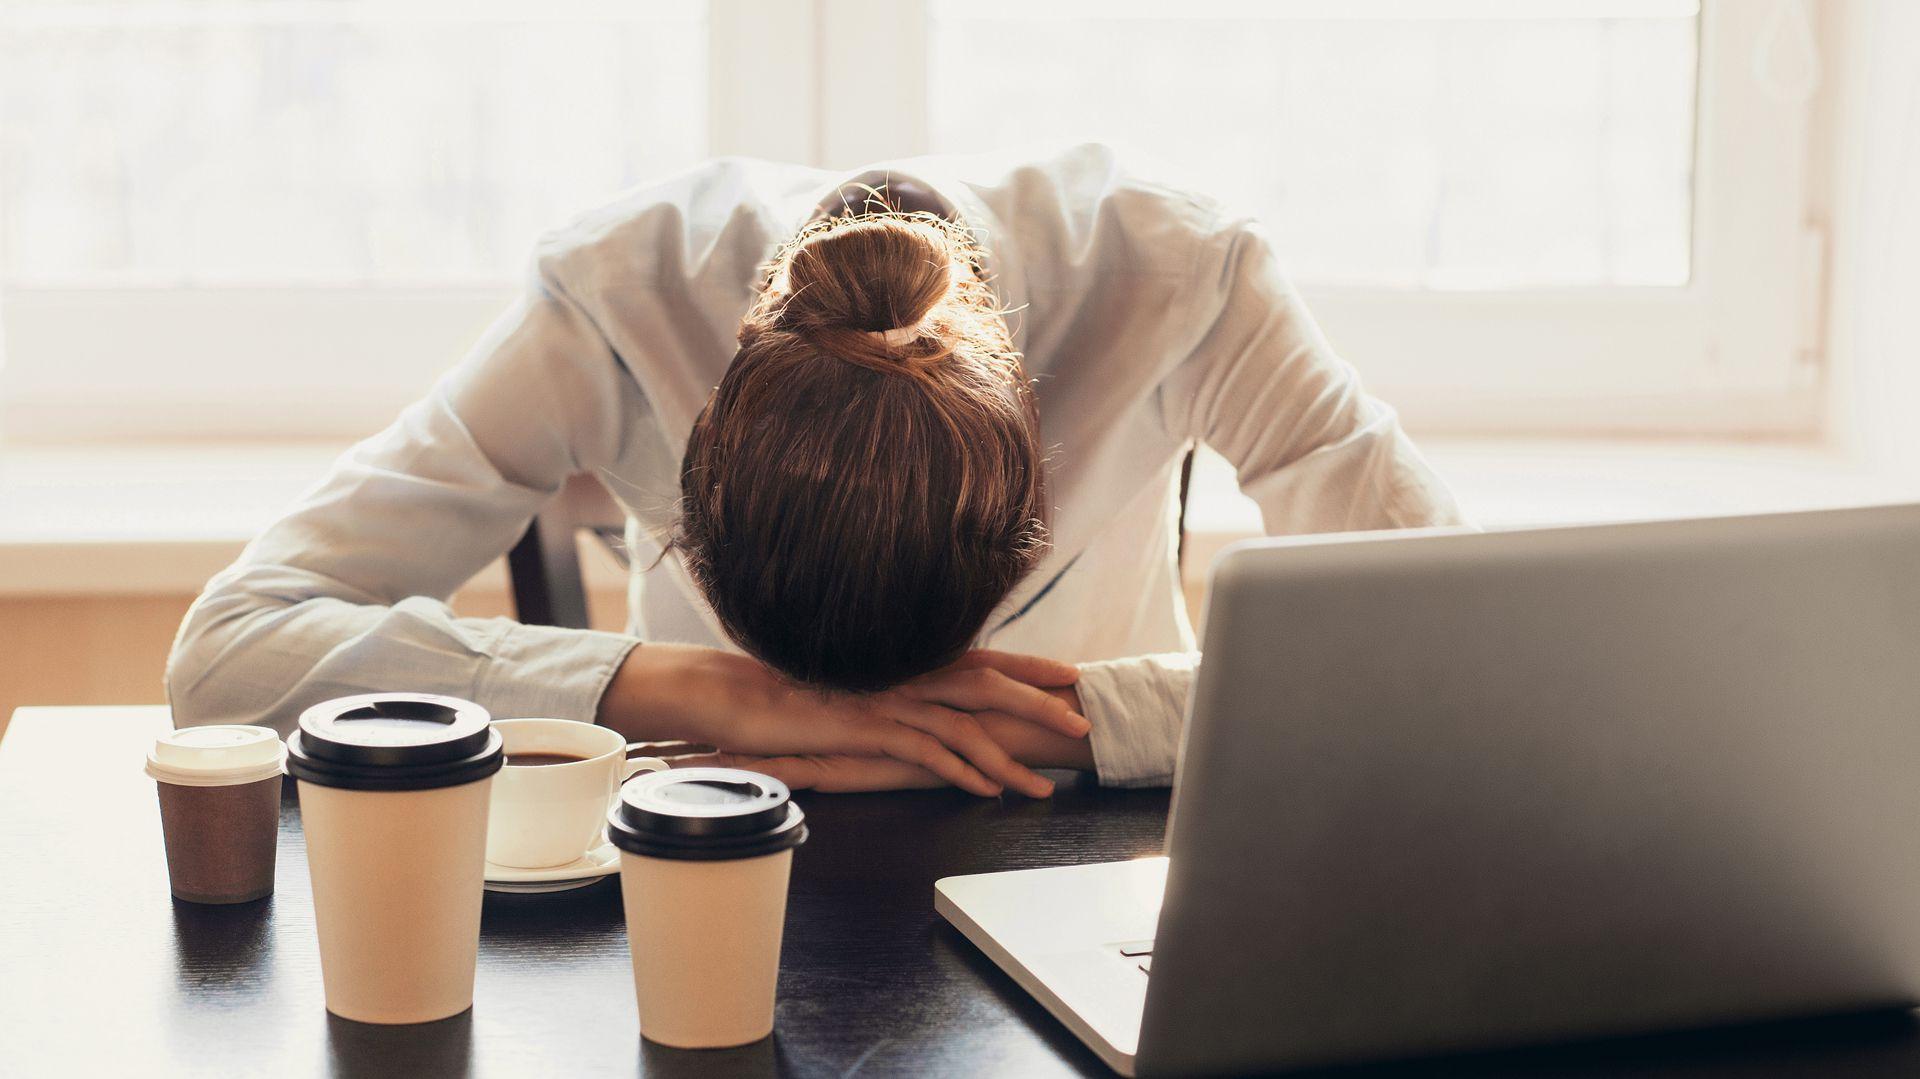 Durante la pandemia, las mujeres duermen una hora menos por día que los hombres y dedican una hora y media menos que ellos al trabajo remunerado (Shutterstock)